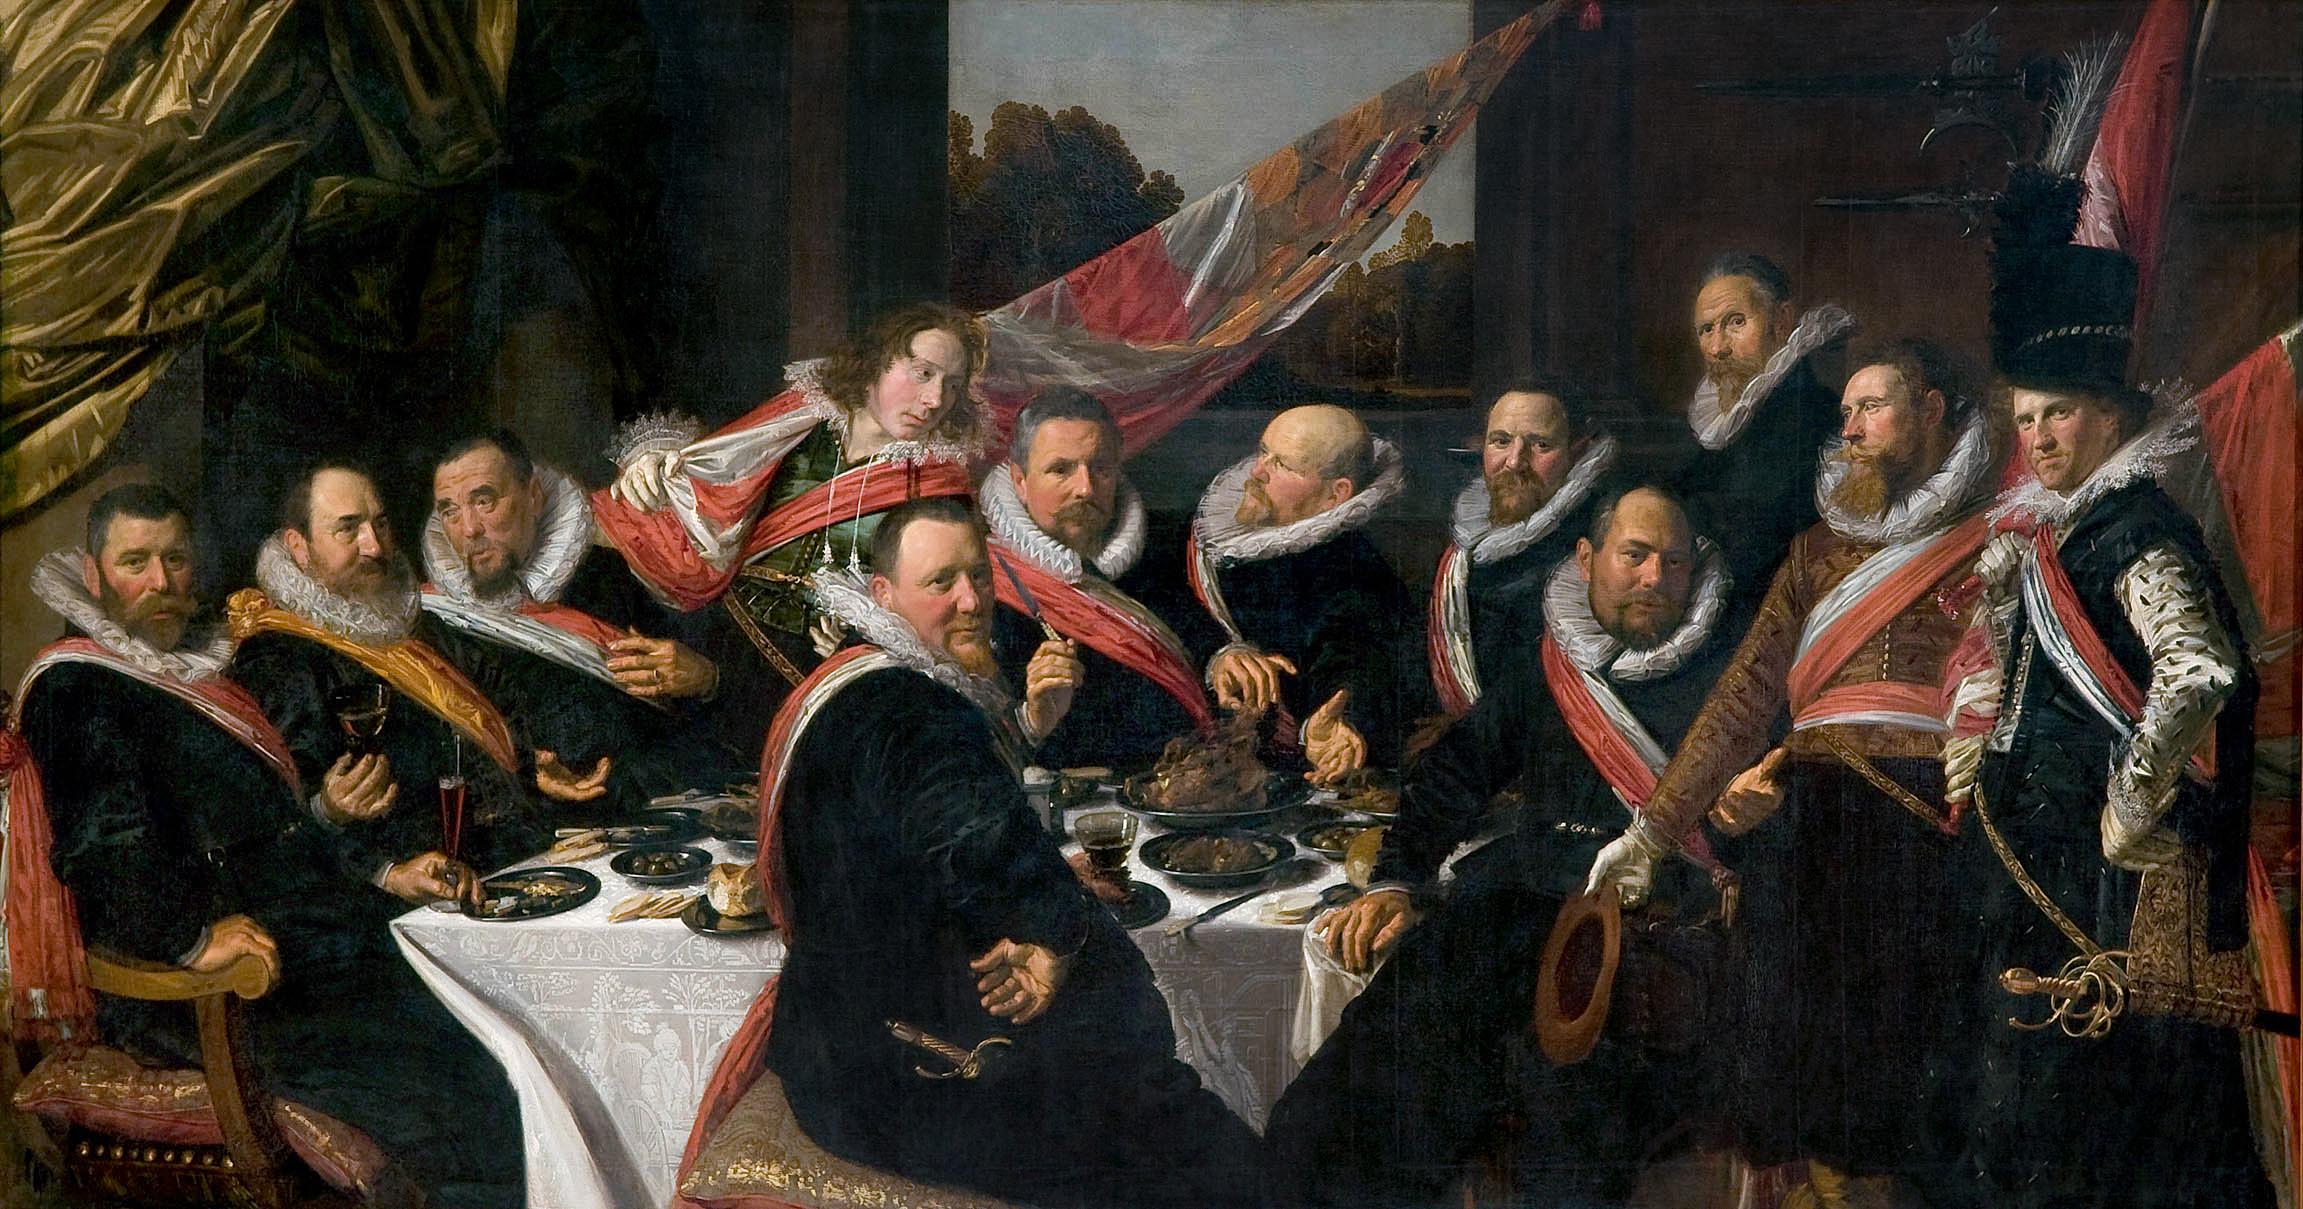 世界のタグ名画 - ハールレムの聖ゲオルギウス市民隊幹部の宴会 (1616 ...